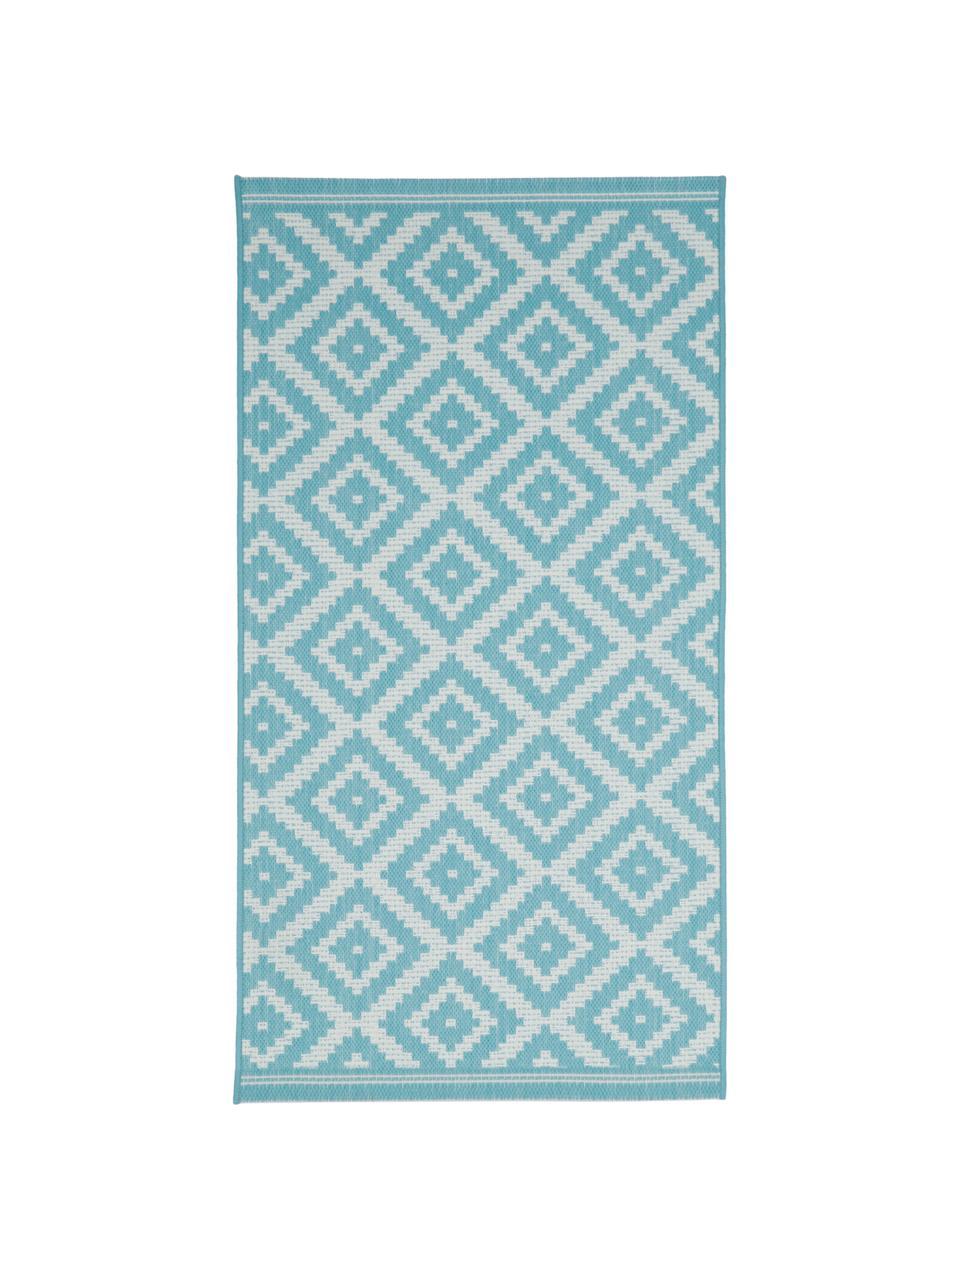 Tappeto fantasia color turchese/bianco da interno-esterno Miami, 86% polipropilene, 14% poliestere, Bianco, turchese, Larg. 200 x Lung. 290 cm (taglia L)